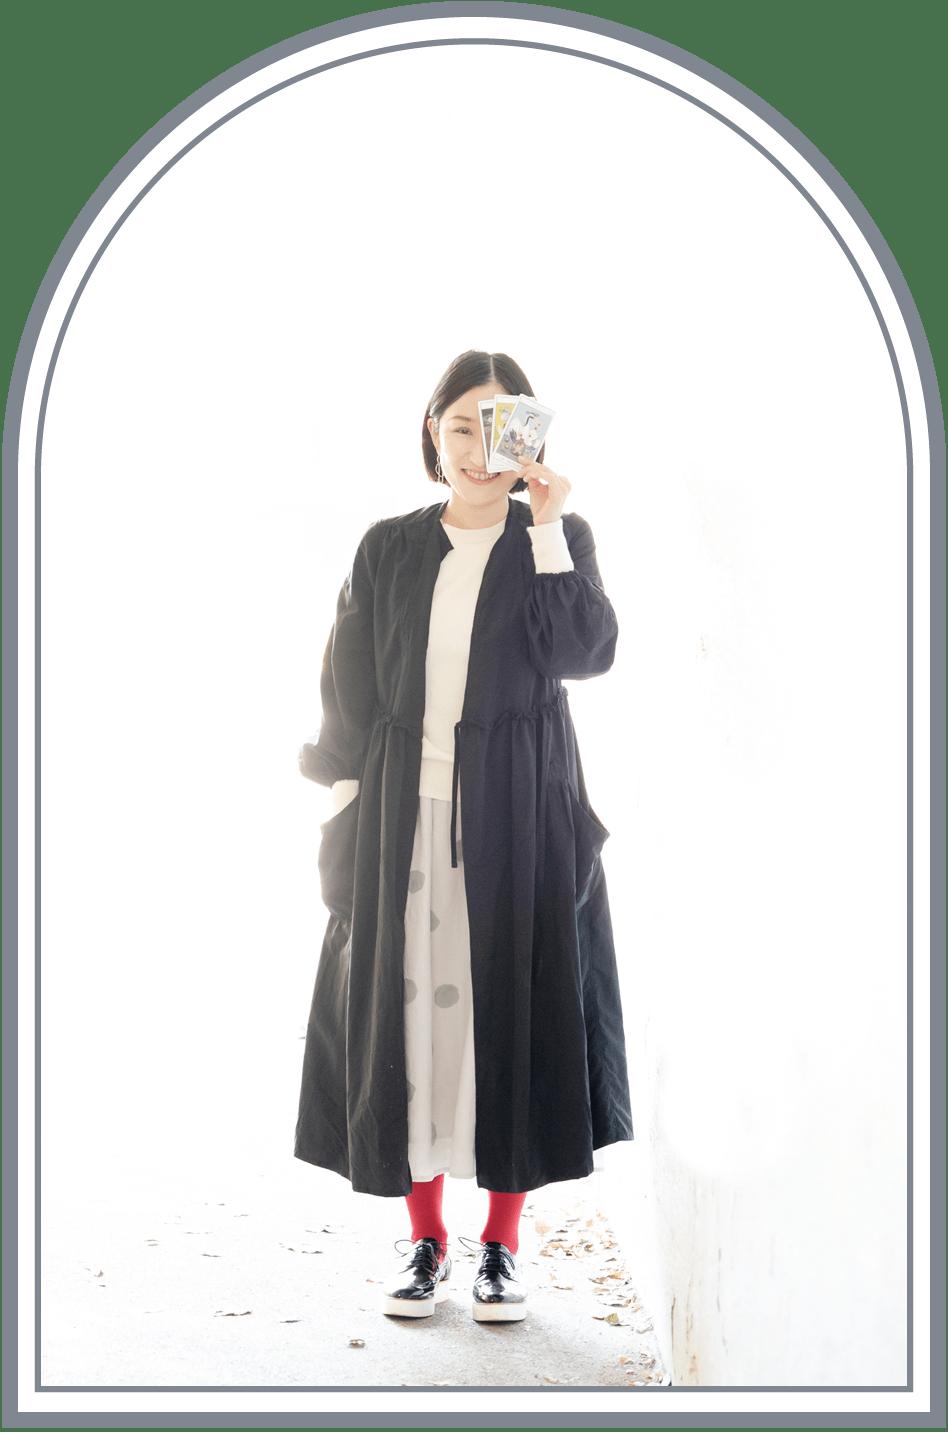 Naoko Morimoto